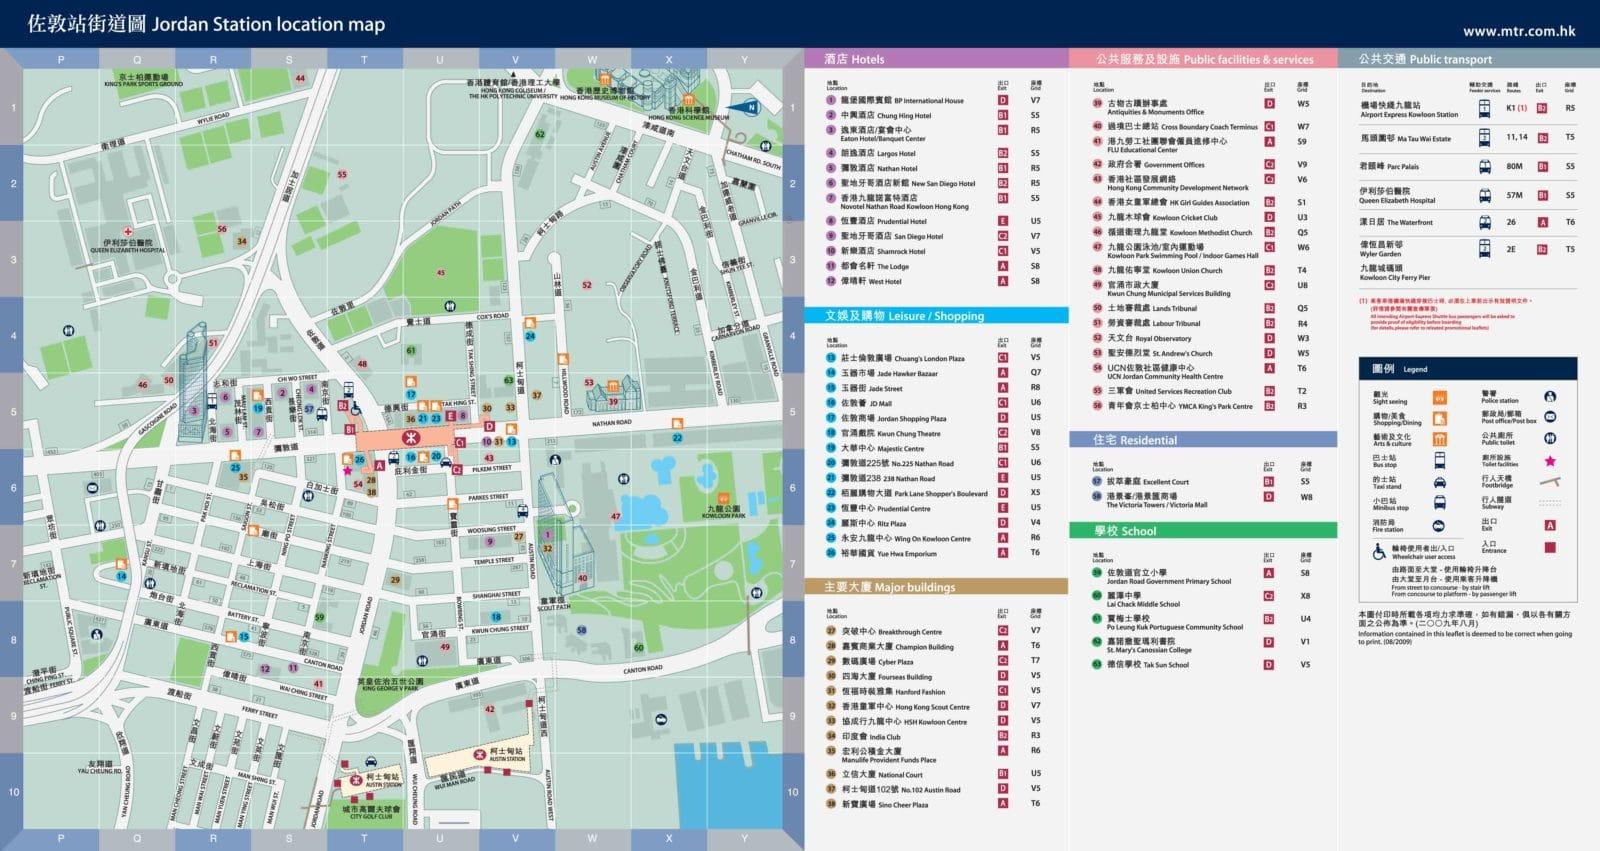 Hong Kong & Kowloon MTR station maps | China Mike Kowloon Street Map In Chinese on xian street map, kathmandu street map, tokyo street map, zhuhai street map, ho chi minh city street map, denver street map, wan chai street map, wellington street map, guilin street map, harbin street map, hong kong map, vietnam street map, moscow street map, ft. lauderdale street map, macau street map, nagoya street map, birmingham street map, rotterdam street map, colombo street map, houston street map,